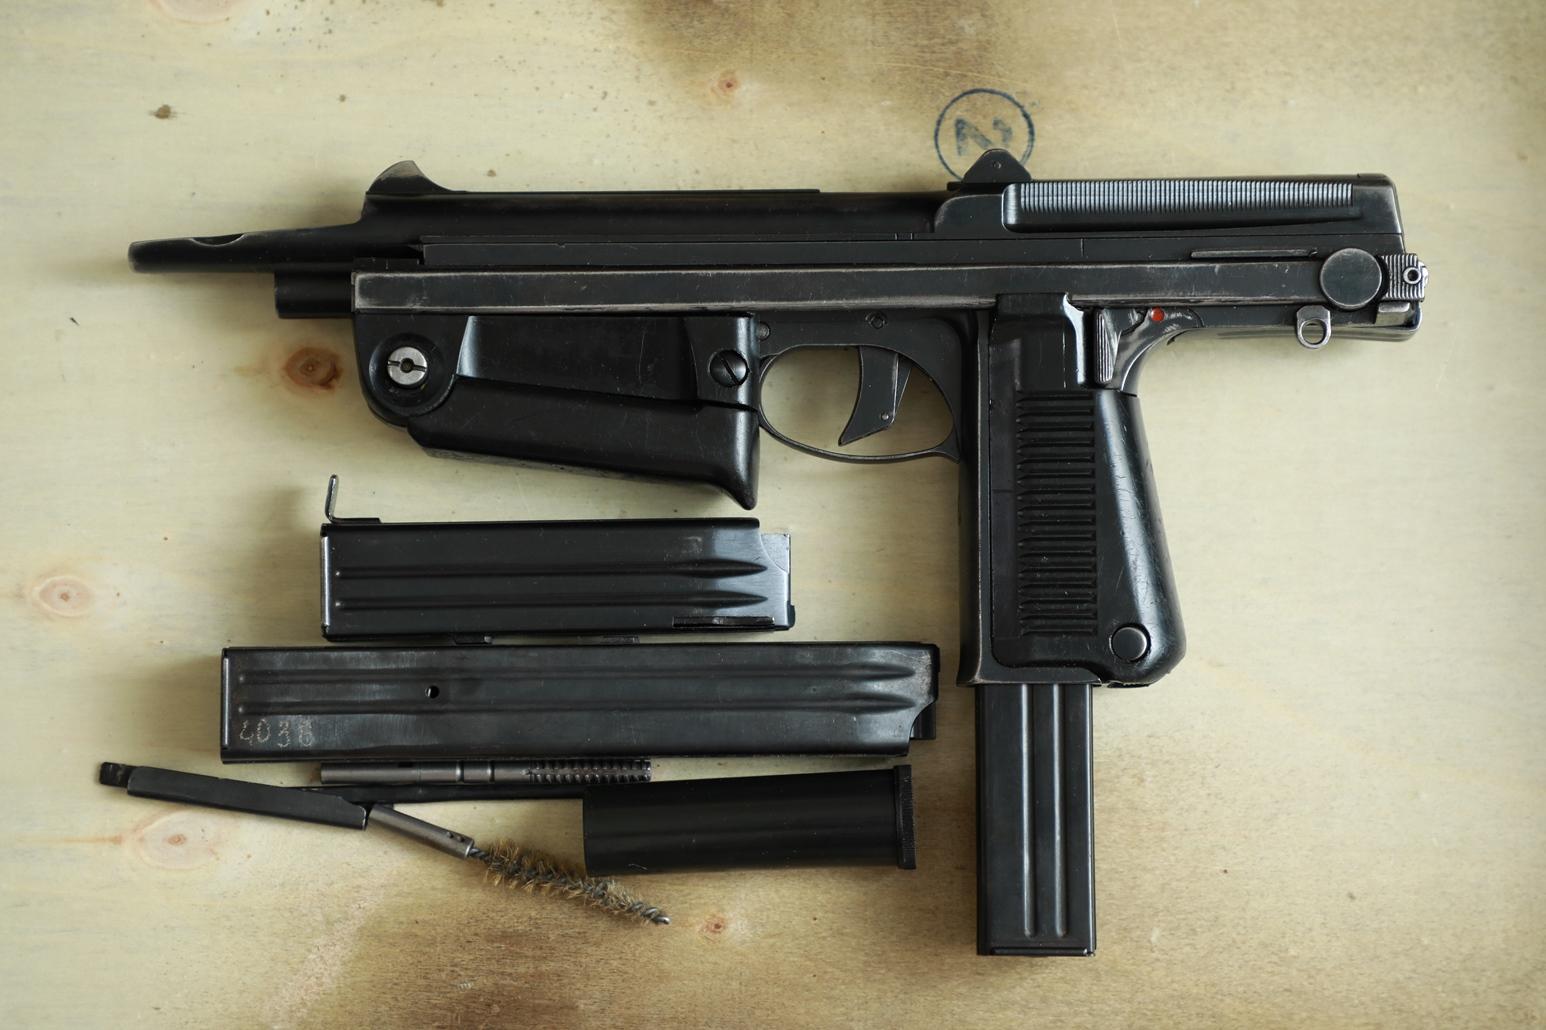 Охолощенный пистолет-пулемет RAK-63 #TM 02246 1970 год, 2 категория